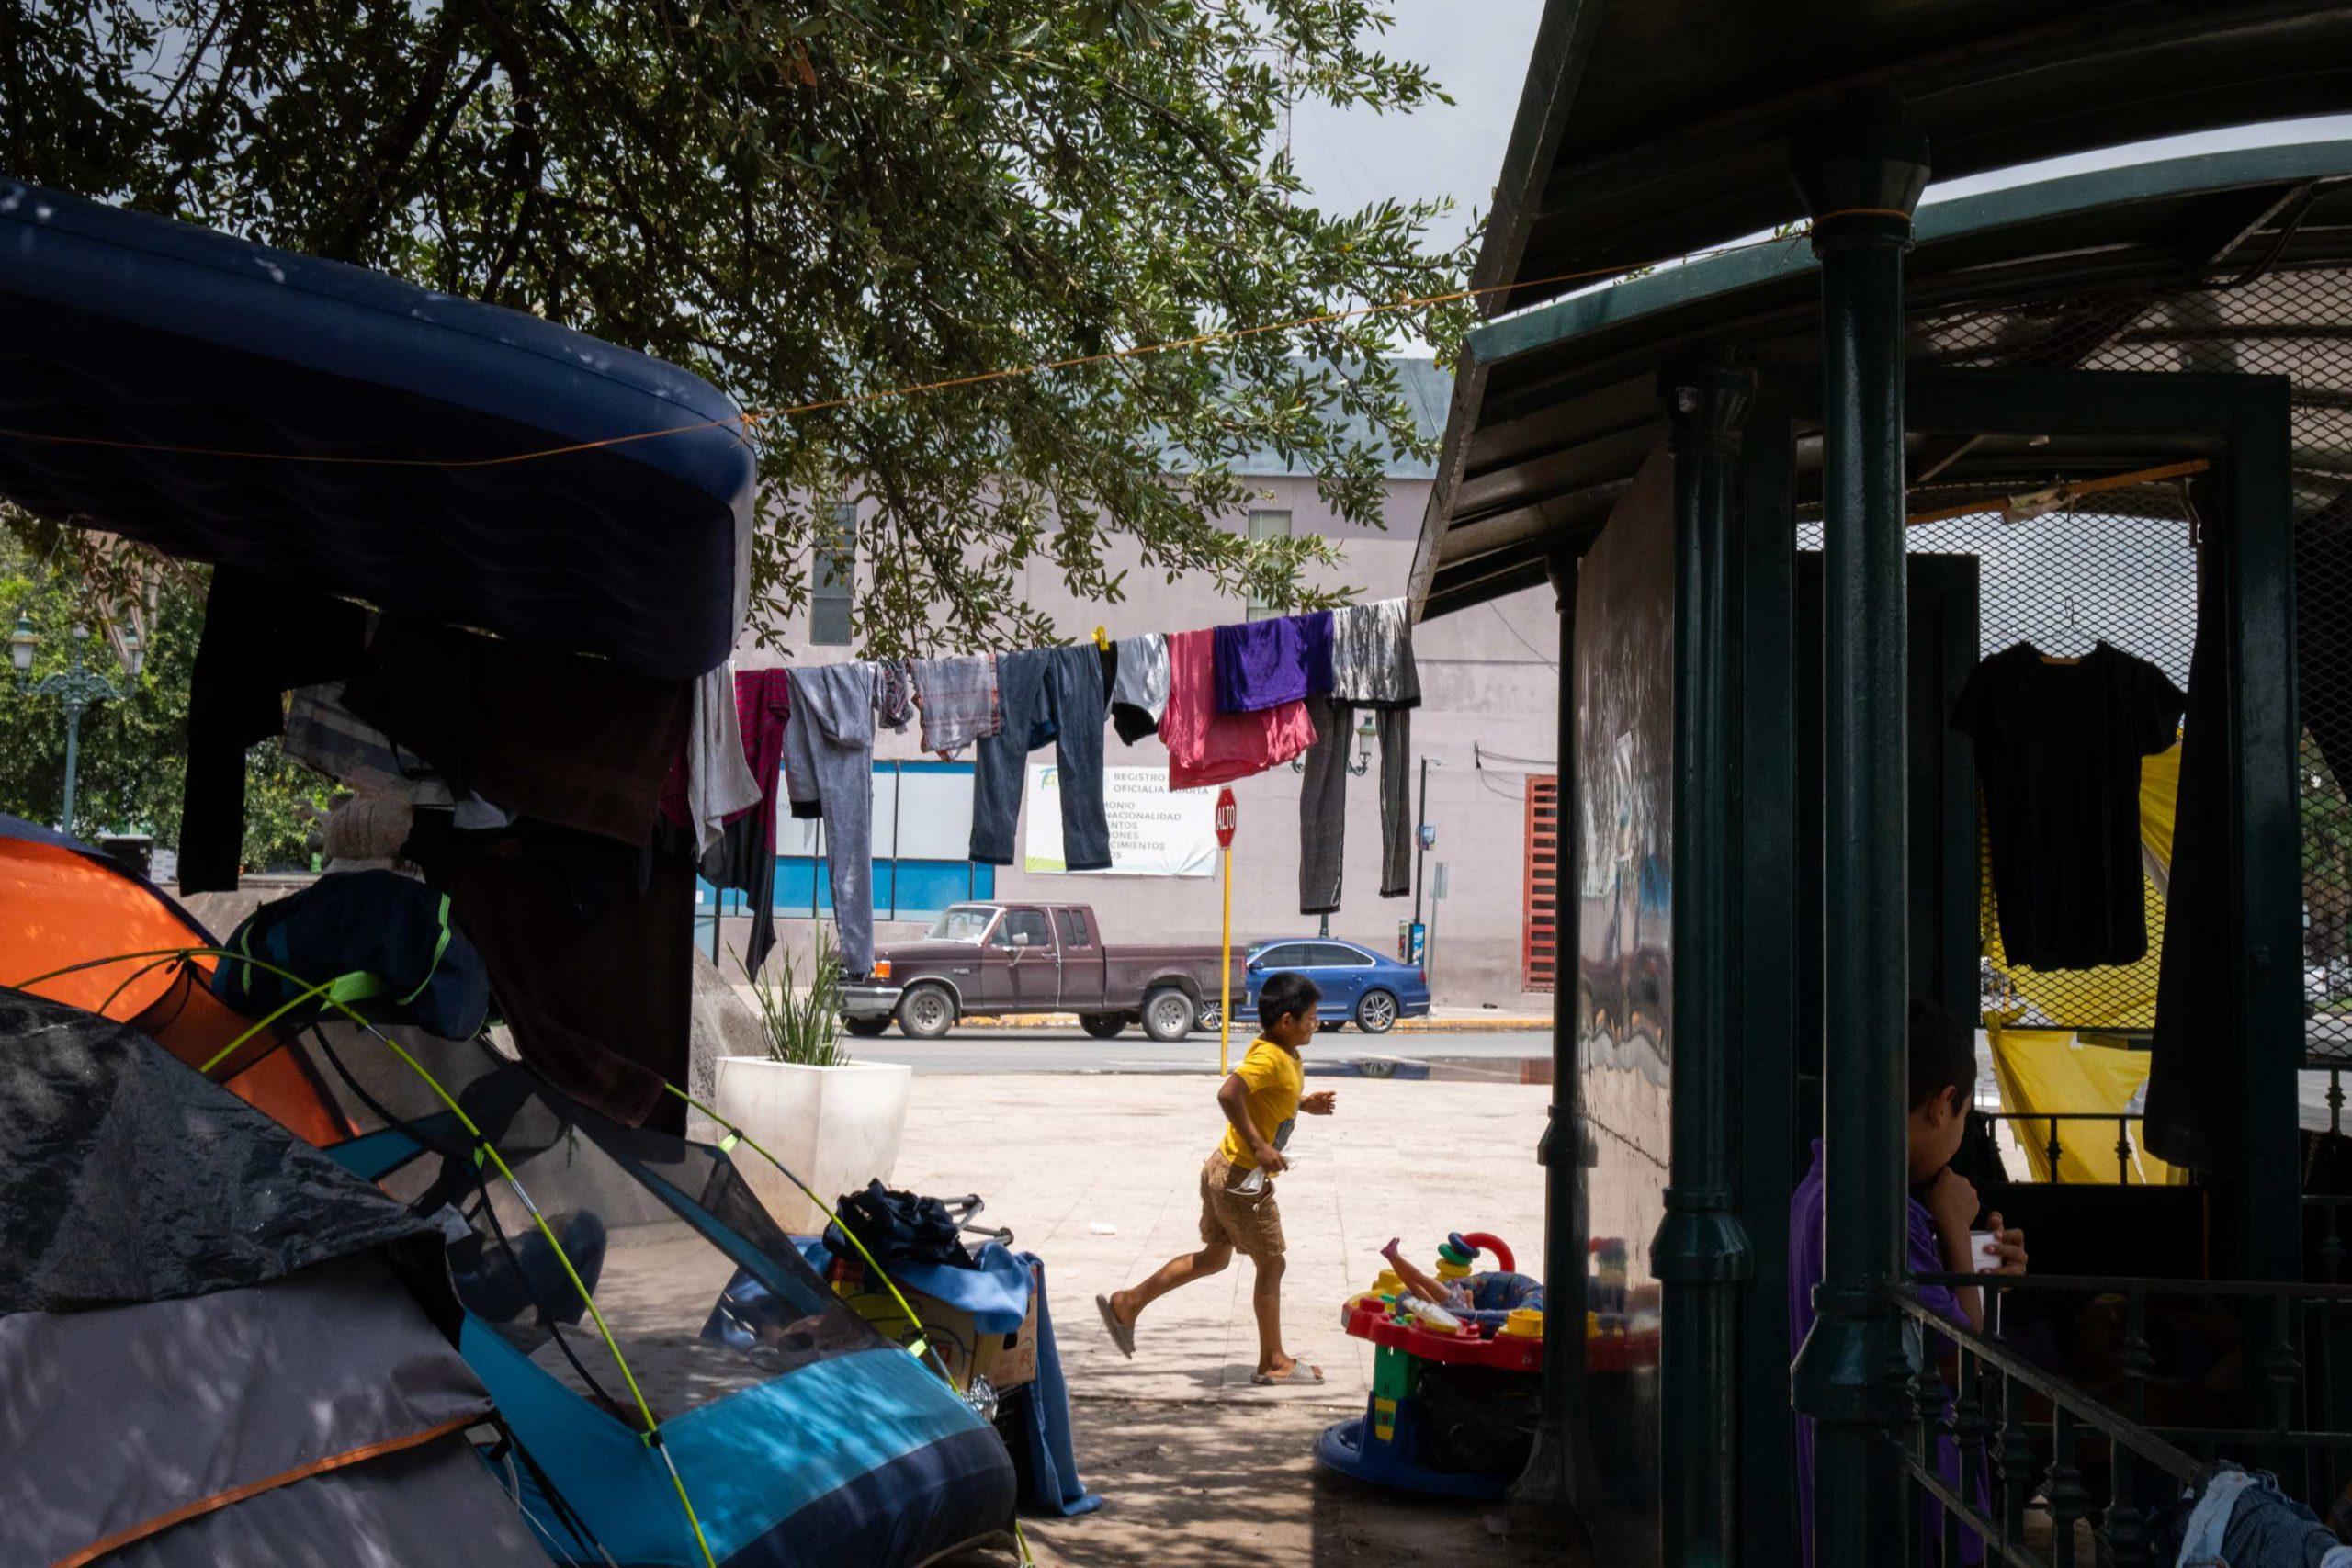 Se instala un nuevo campamento fronterizo en México, luego de cerrar uno en marzo.  - Prensa Libre